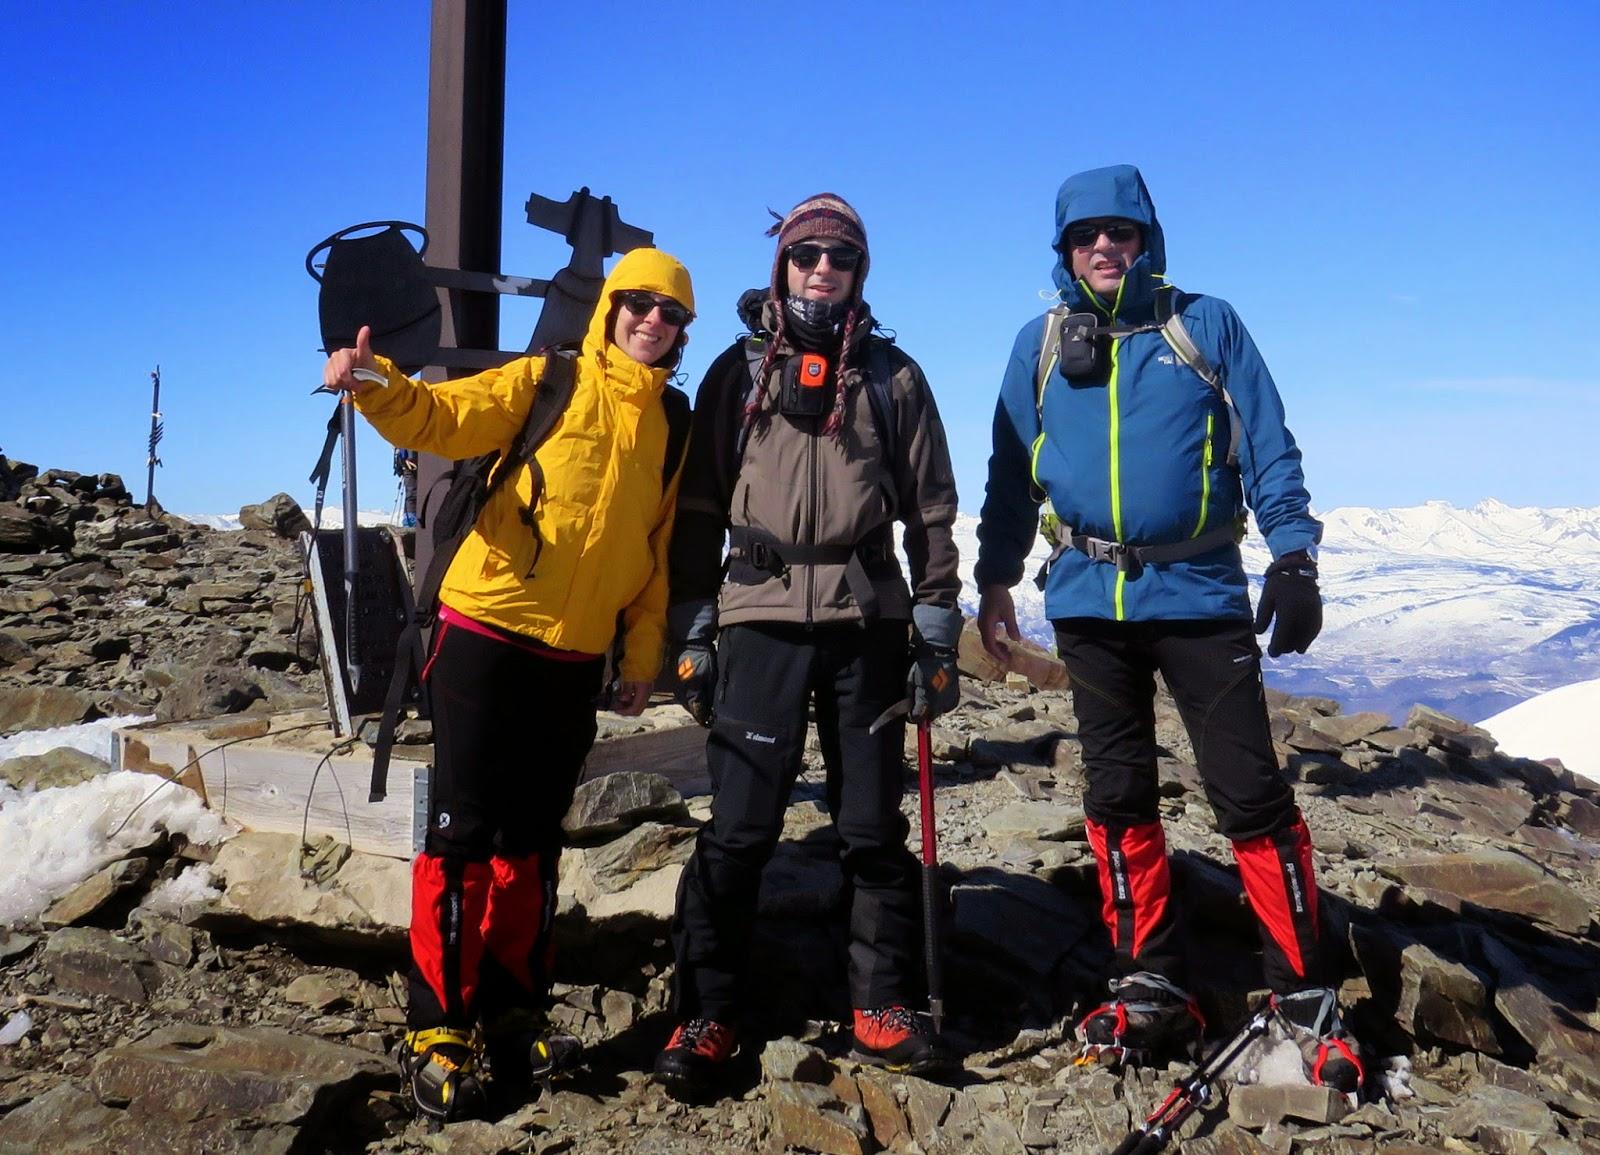 Cima del pico Puigmal con su cruz característica.